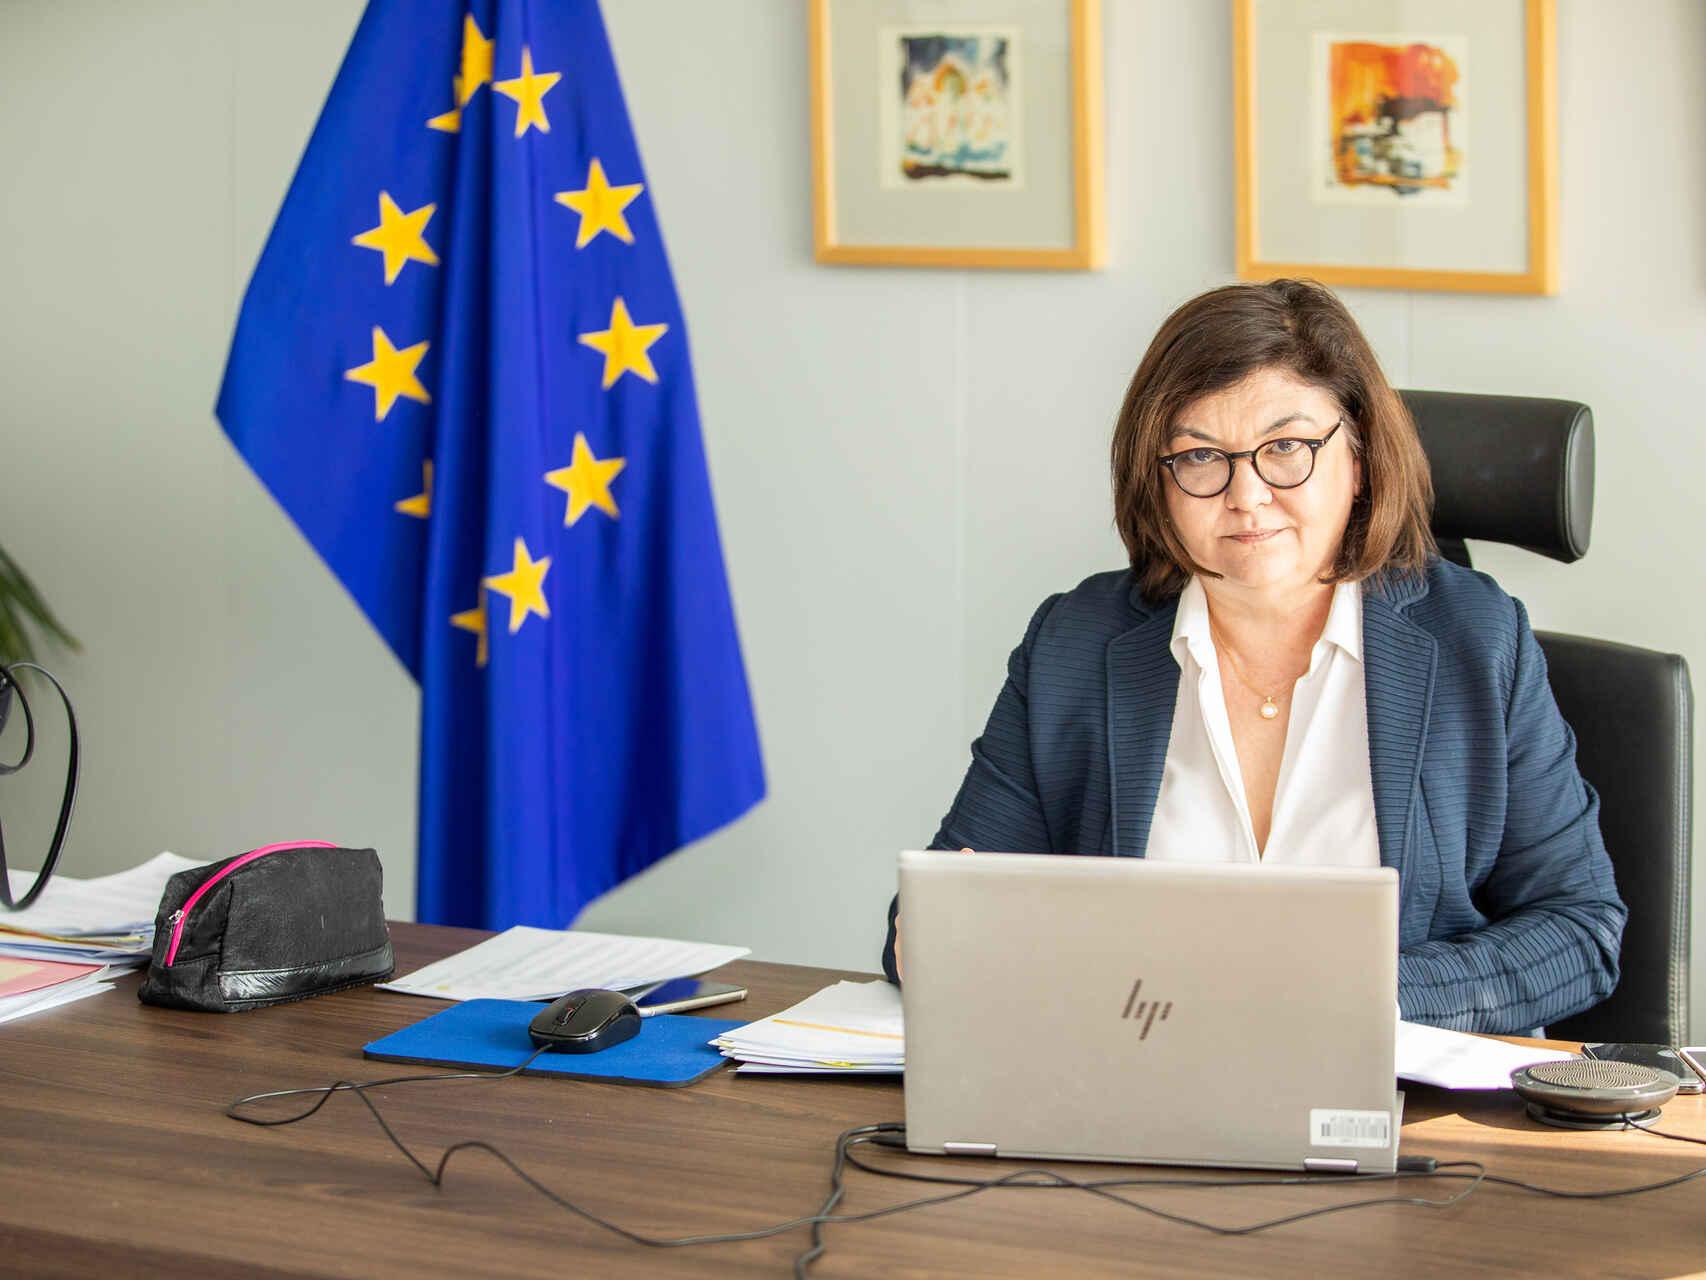 Orientări privind reluarea în siguranță a călătoriilor în Europa